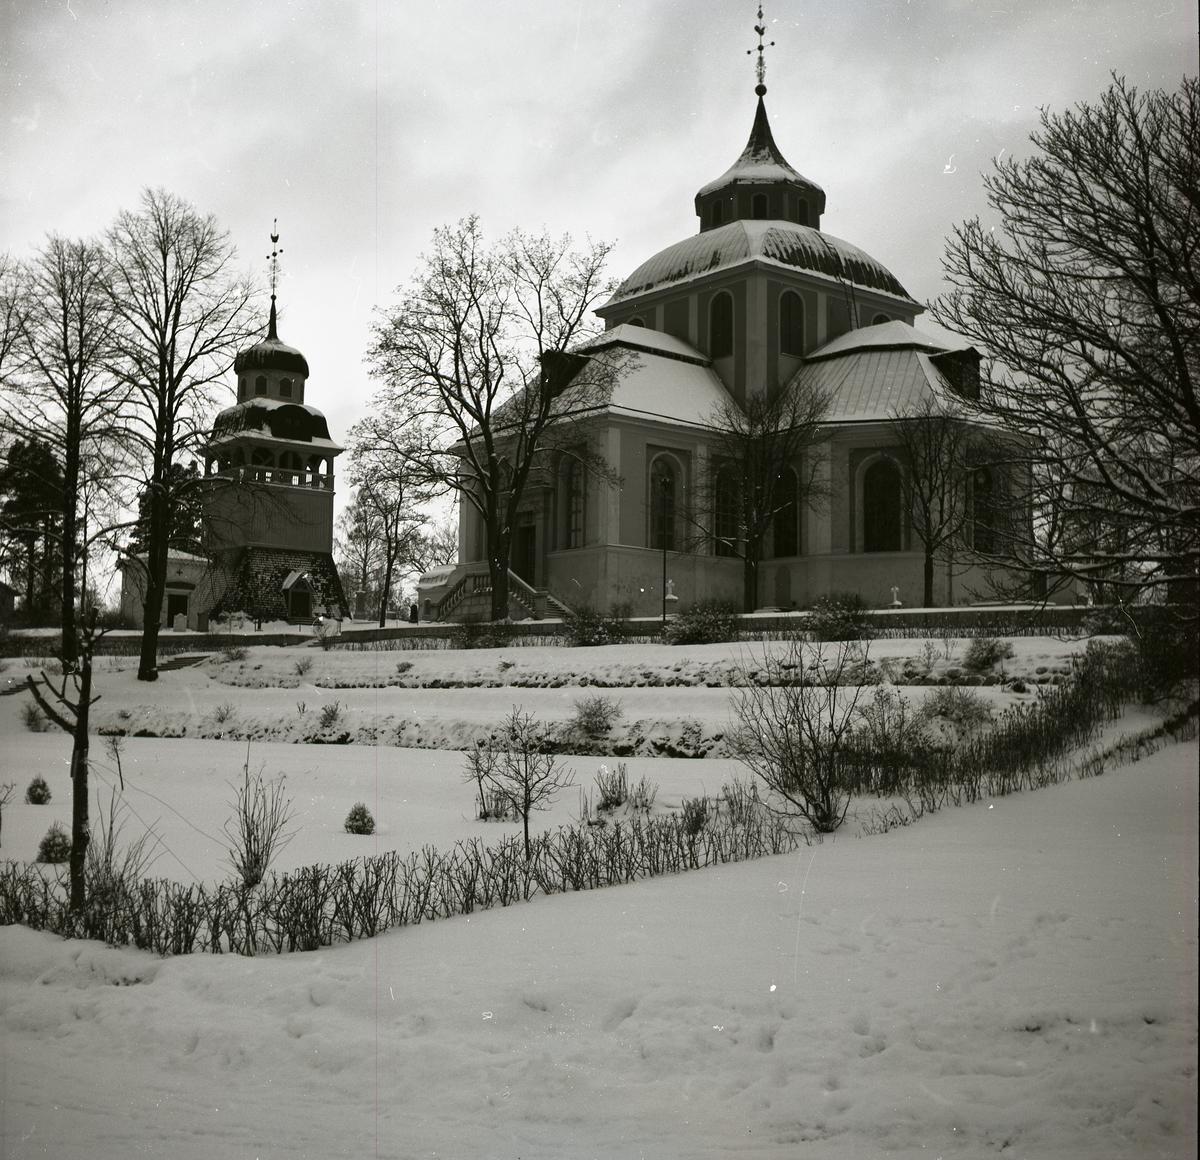 Söderhamns kyrka med klocktorn i vinterskrud.